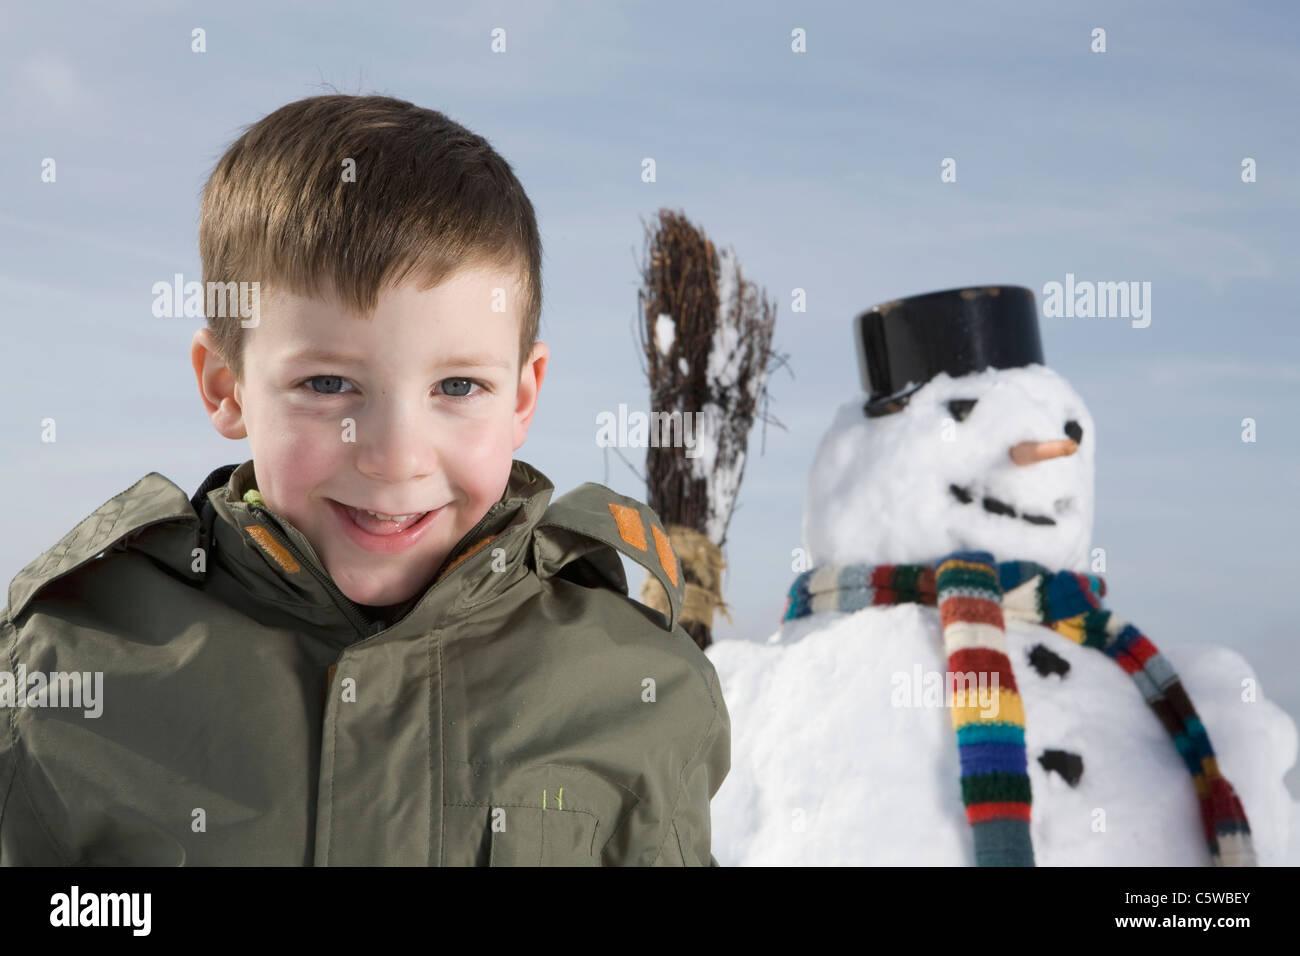 Alemania, Baviera, Munich, Boy (8-9), sonriente, el muñeco de nieve en segundo plano. Imagen De Stock